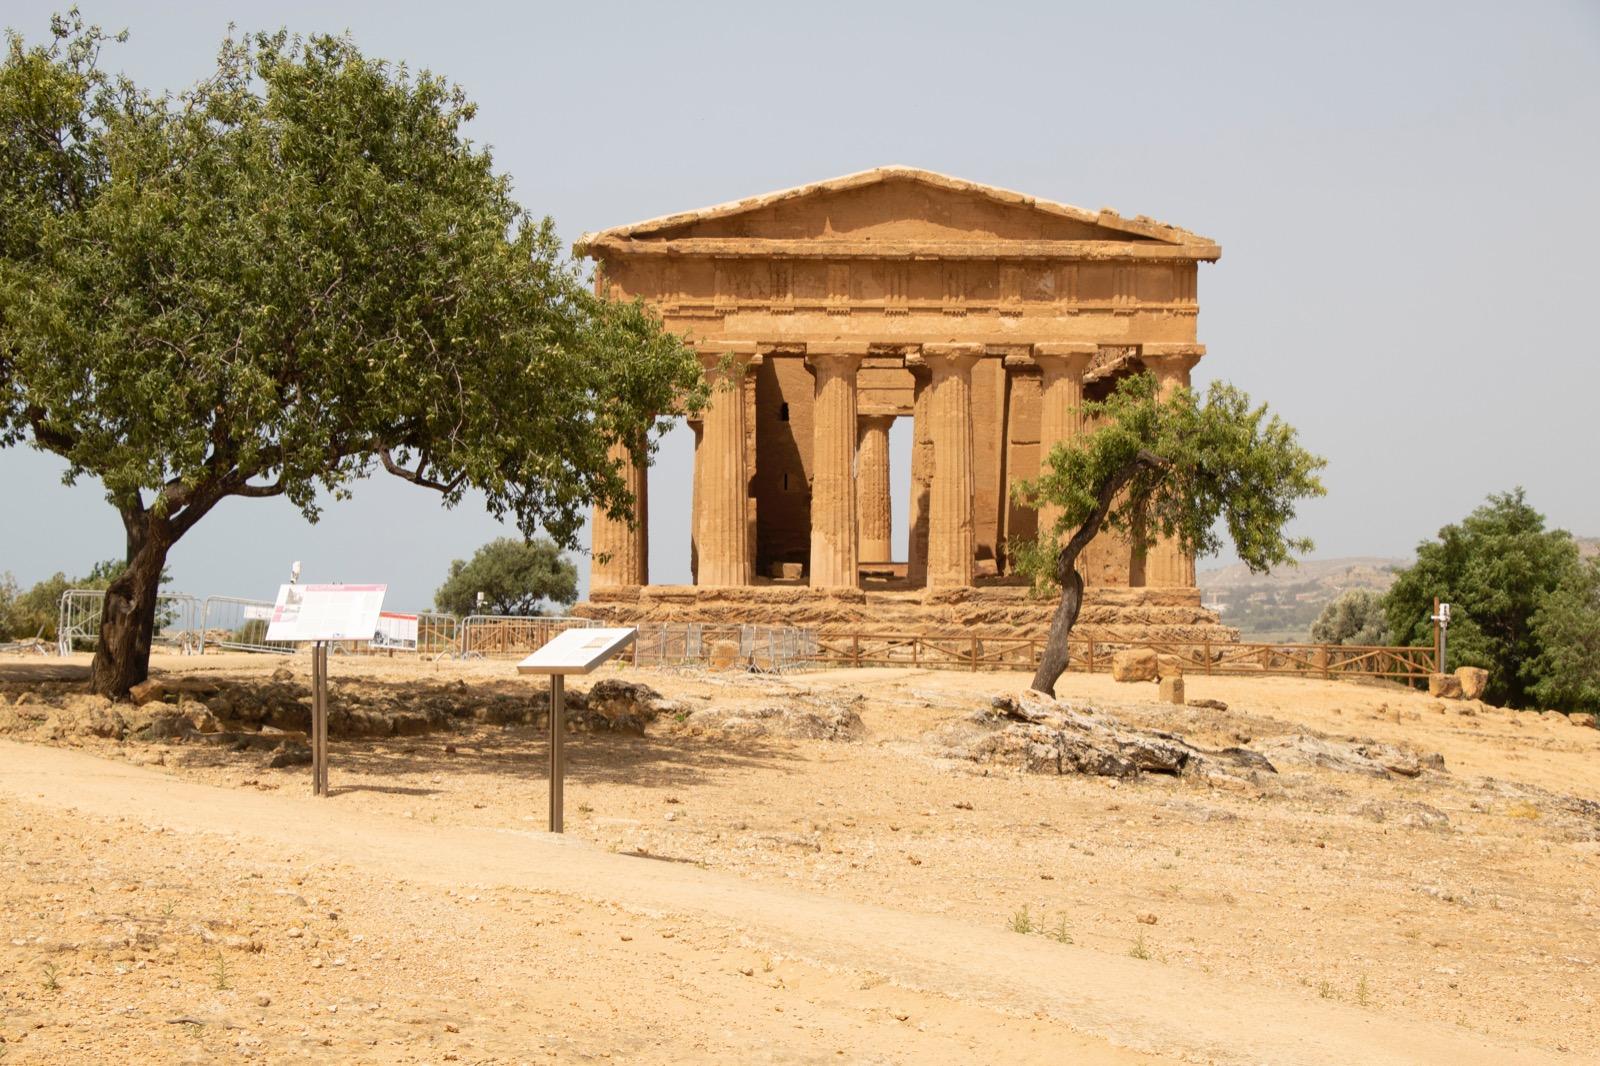 Tassa Di Soggiorno Ad Agrigento Somme Inutilizzate E Scontro Con Gli Operatori Turistici Giornale Di Sicilia